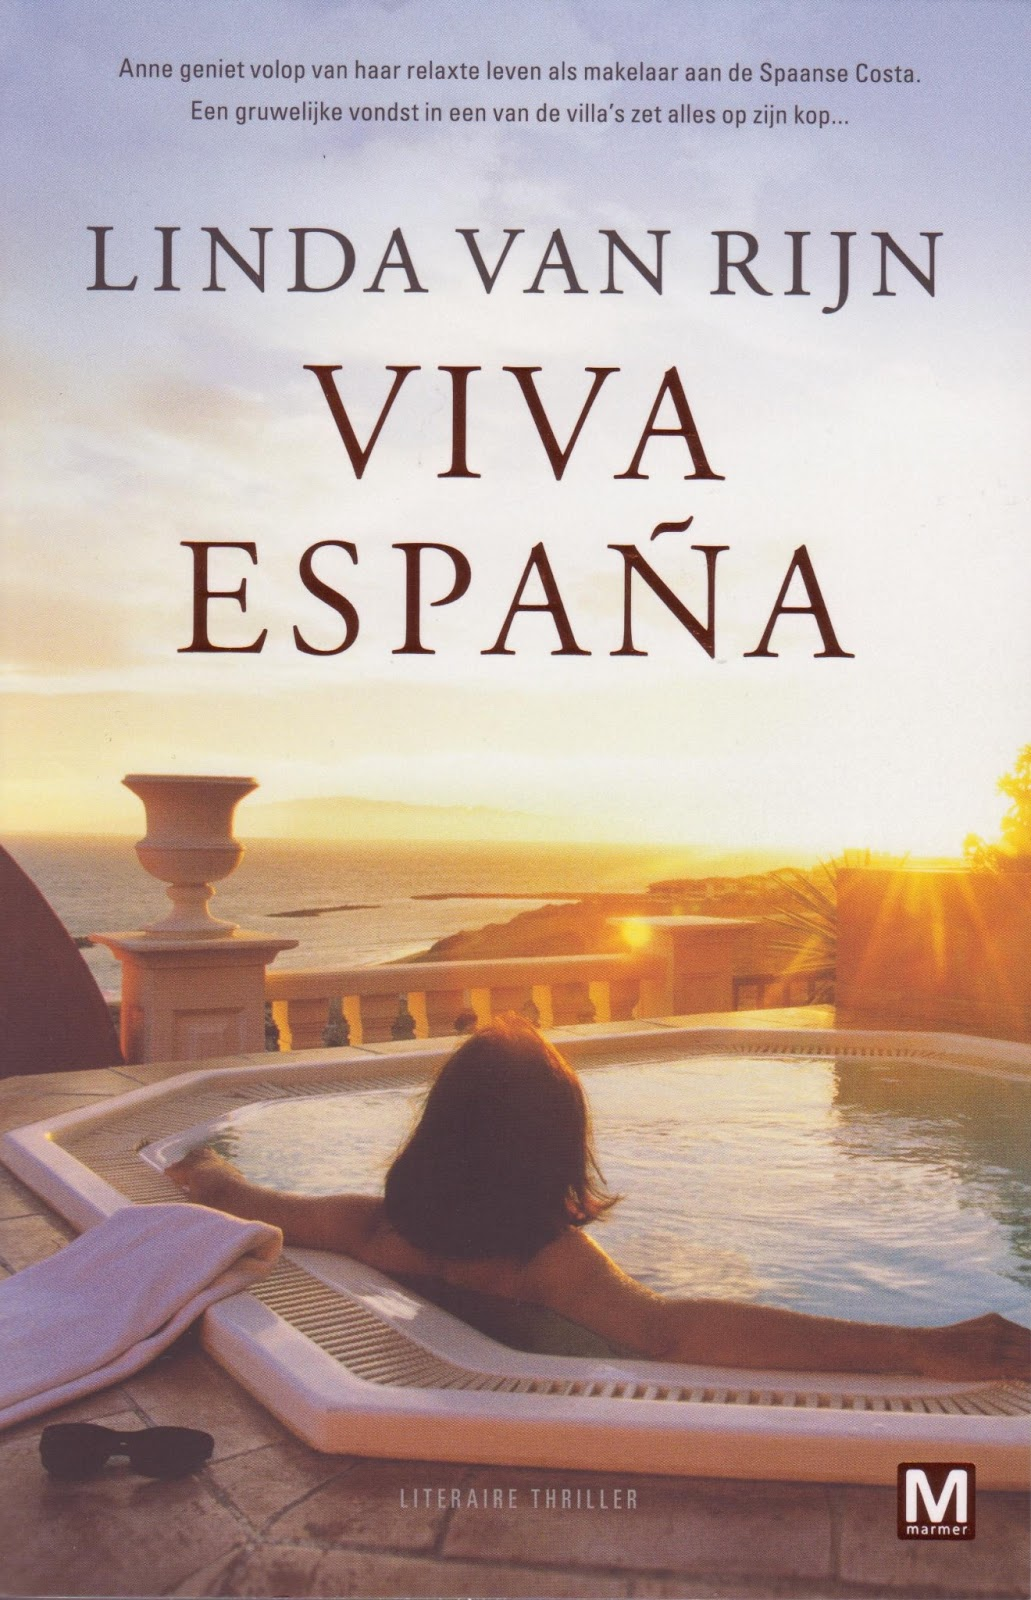 Viva Espana - boekrecensie